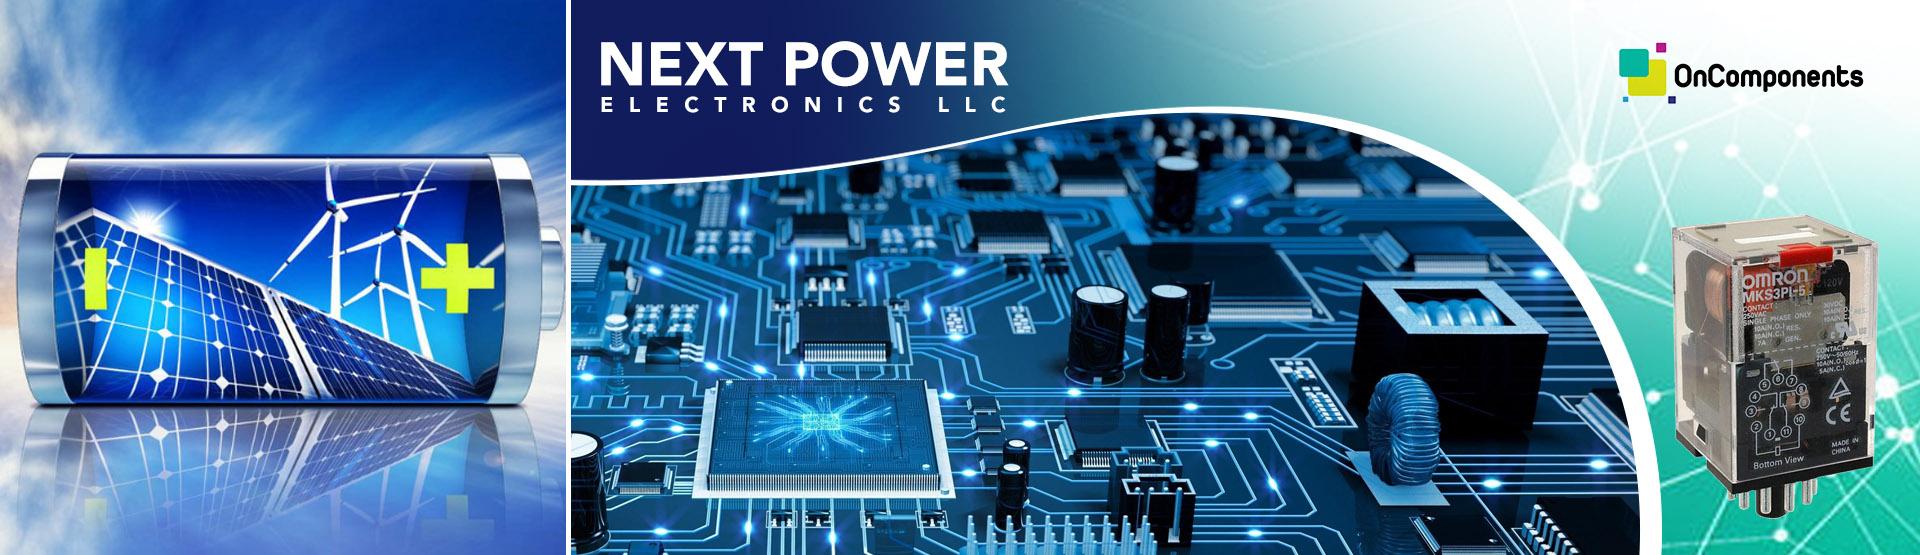 NEXT POWER ELECTRONICS LLC